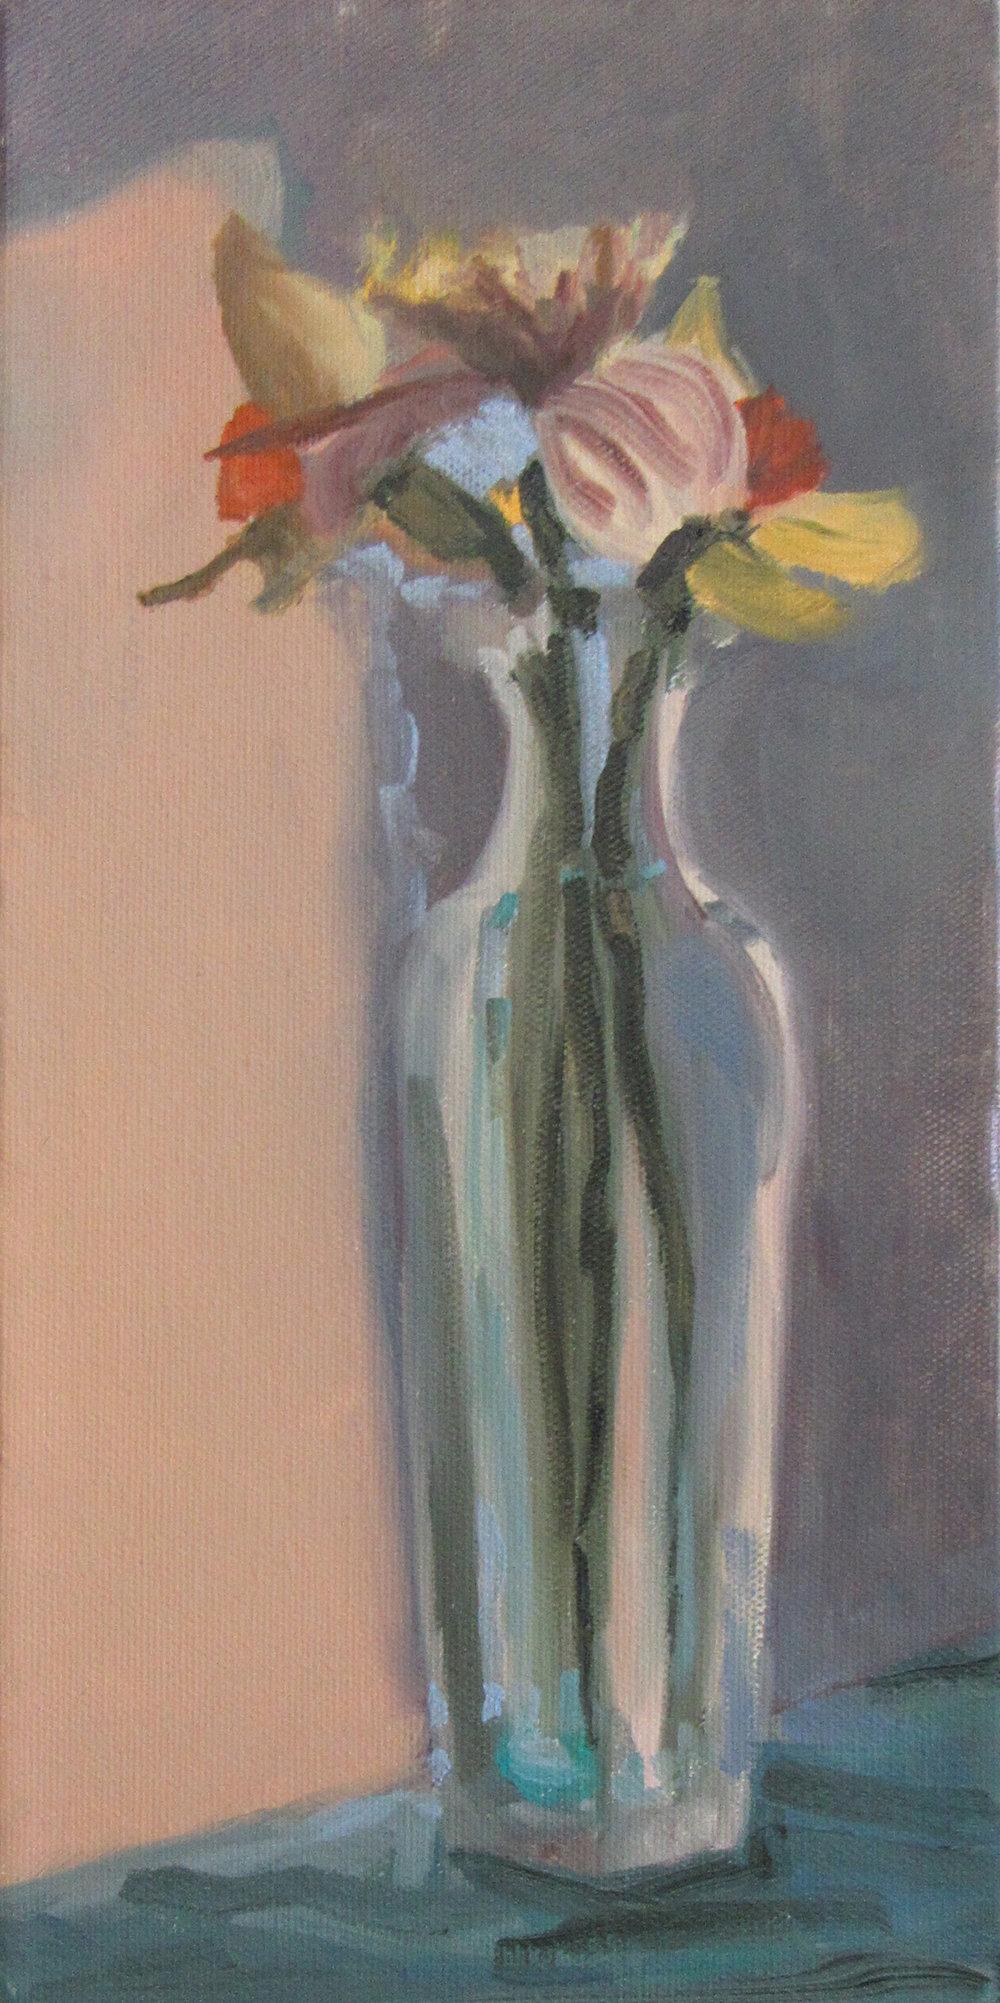 Daffodil Study 3